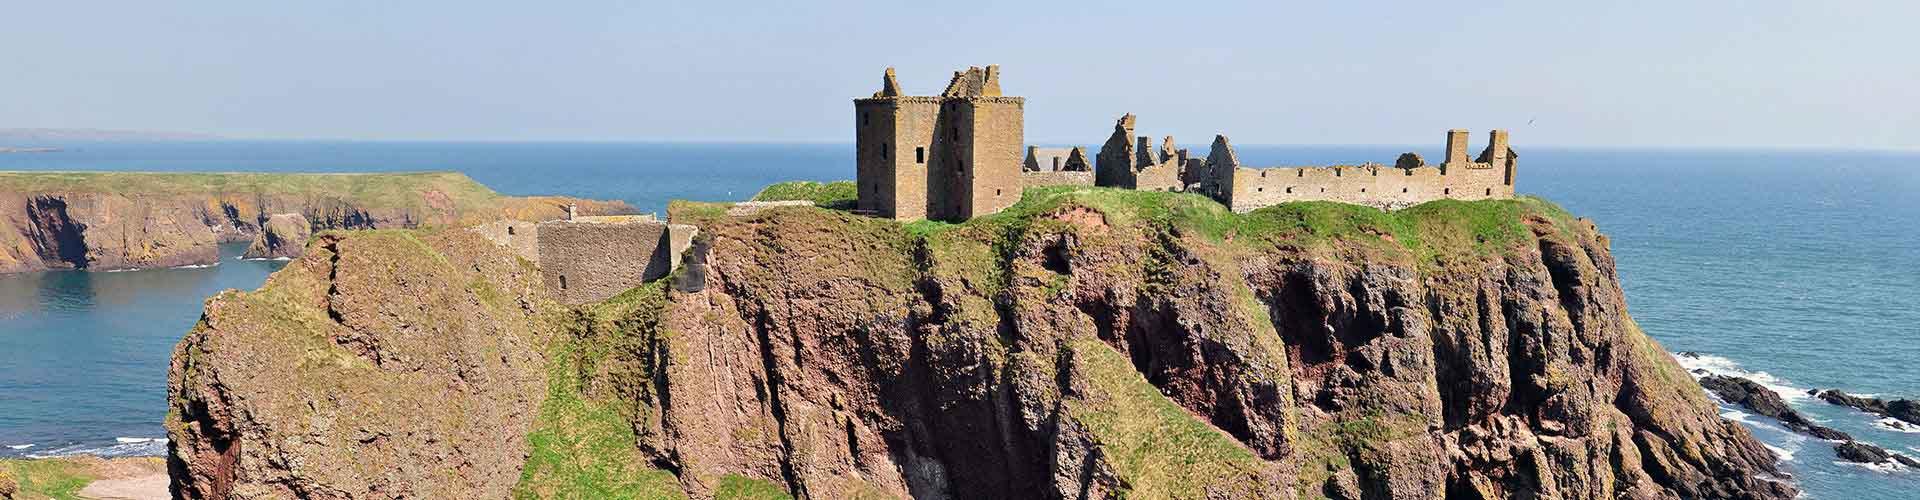 Aberdeenshire - Chambres à Aberdeenshire. Cartes pour Aberdeenshire, photos et commentaires pour chaque chambre à Aberdeenshire.